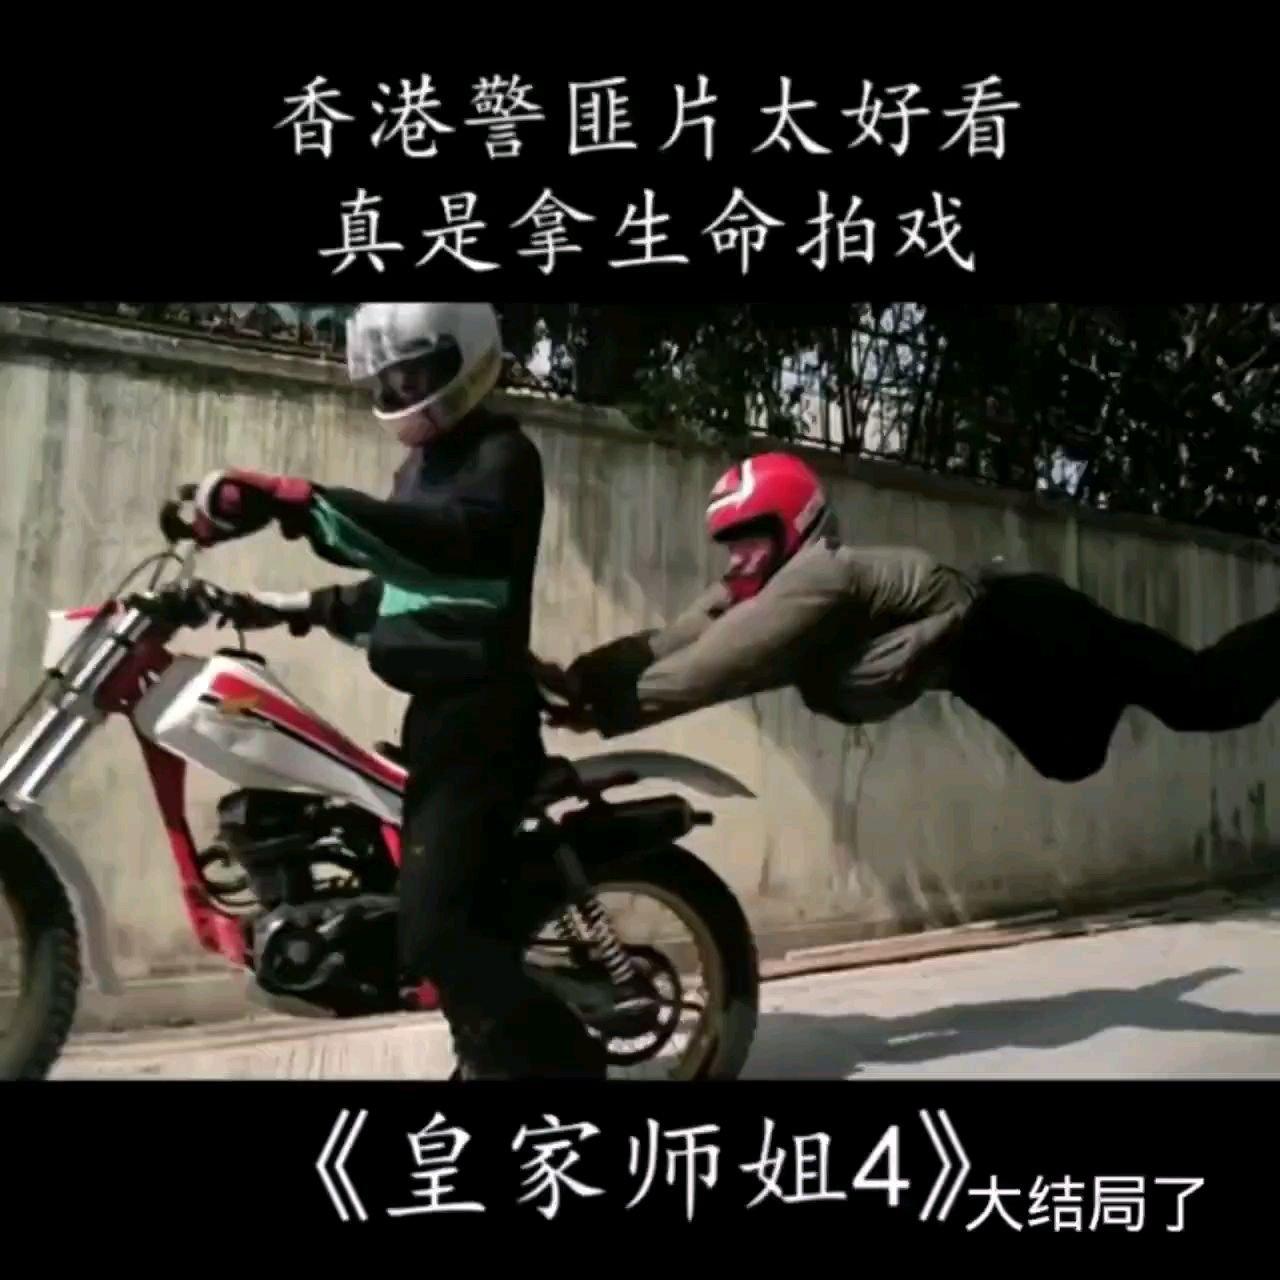 #为新春起舞  加油加油加油!!!